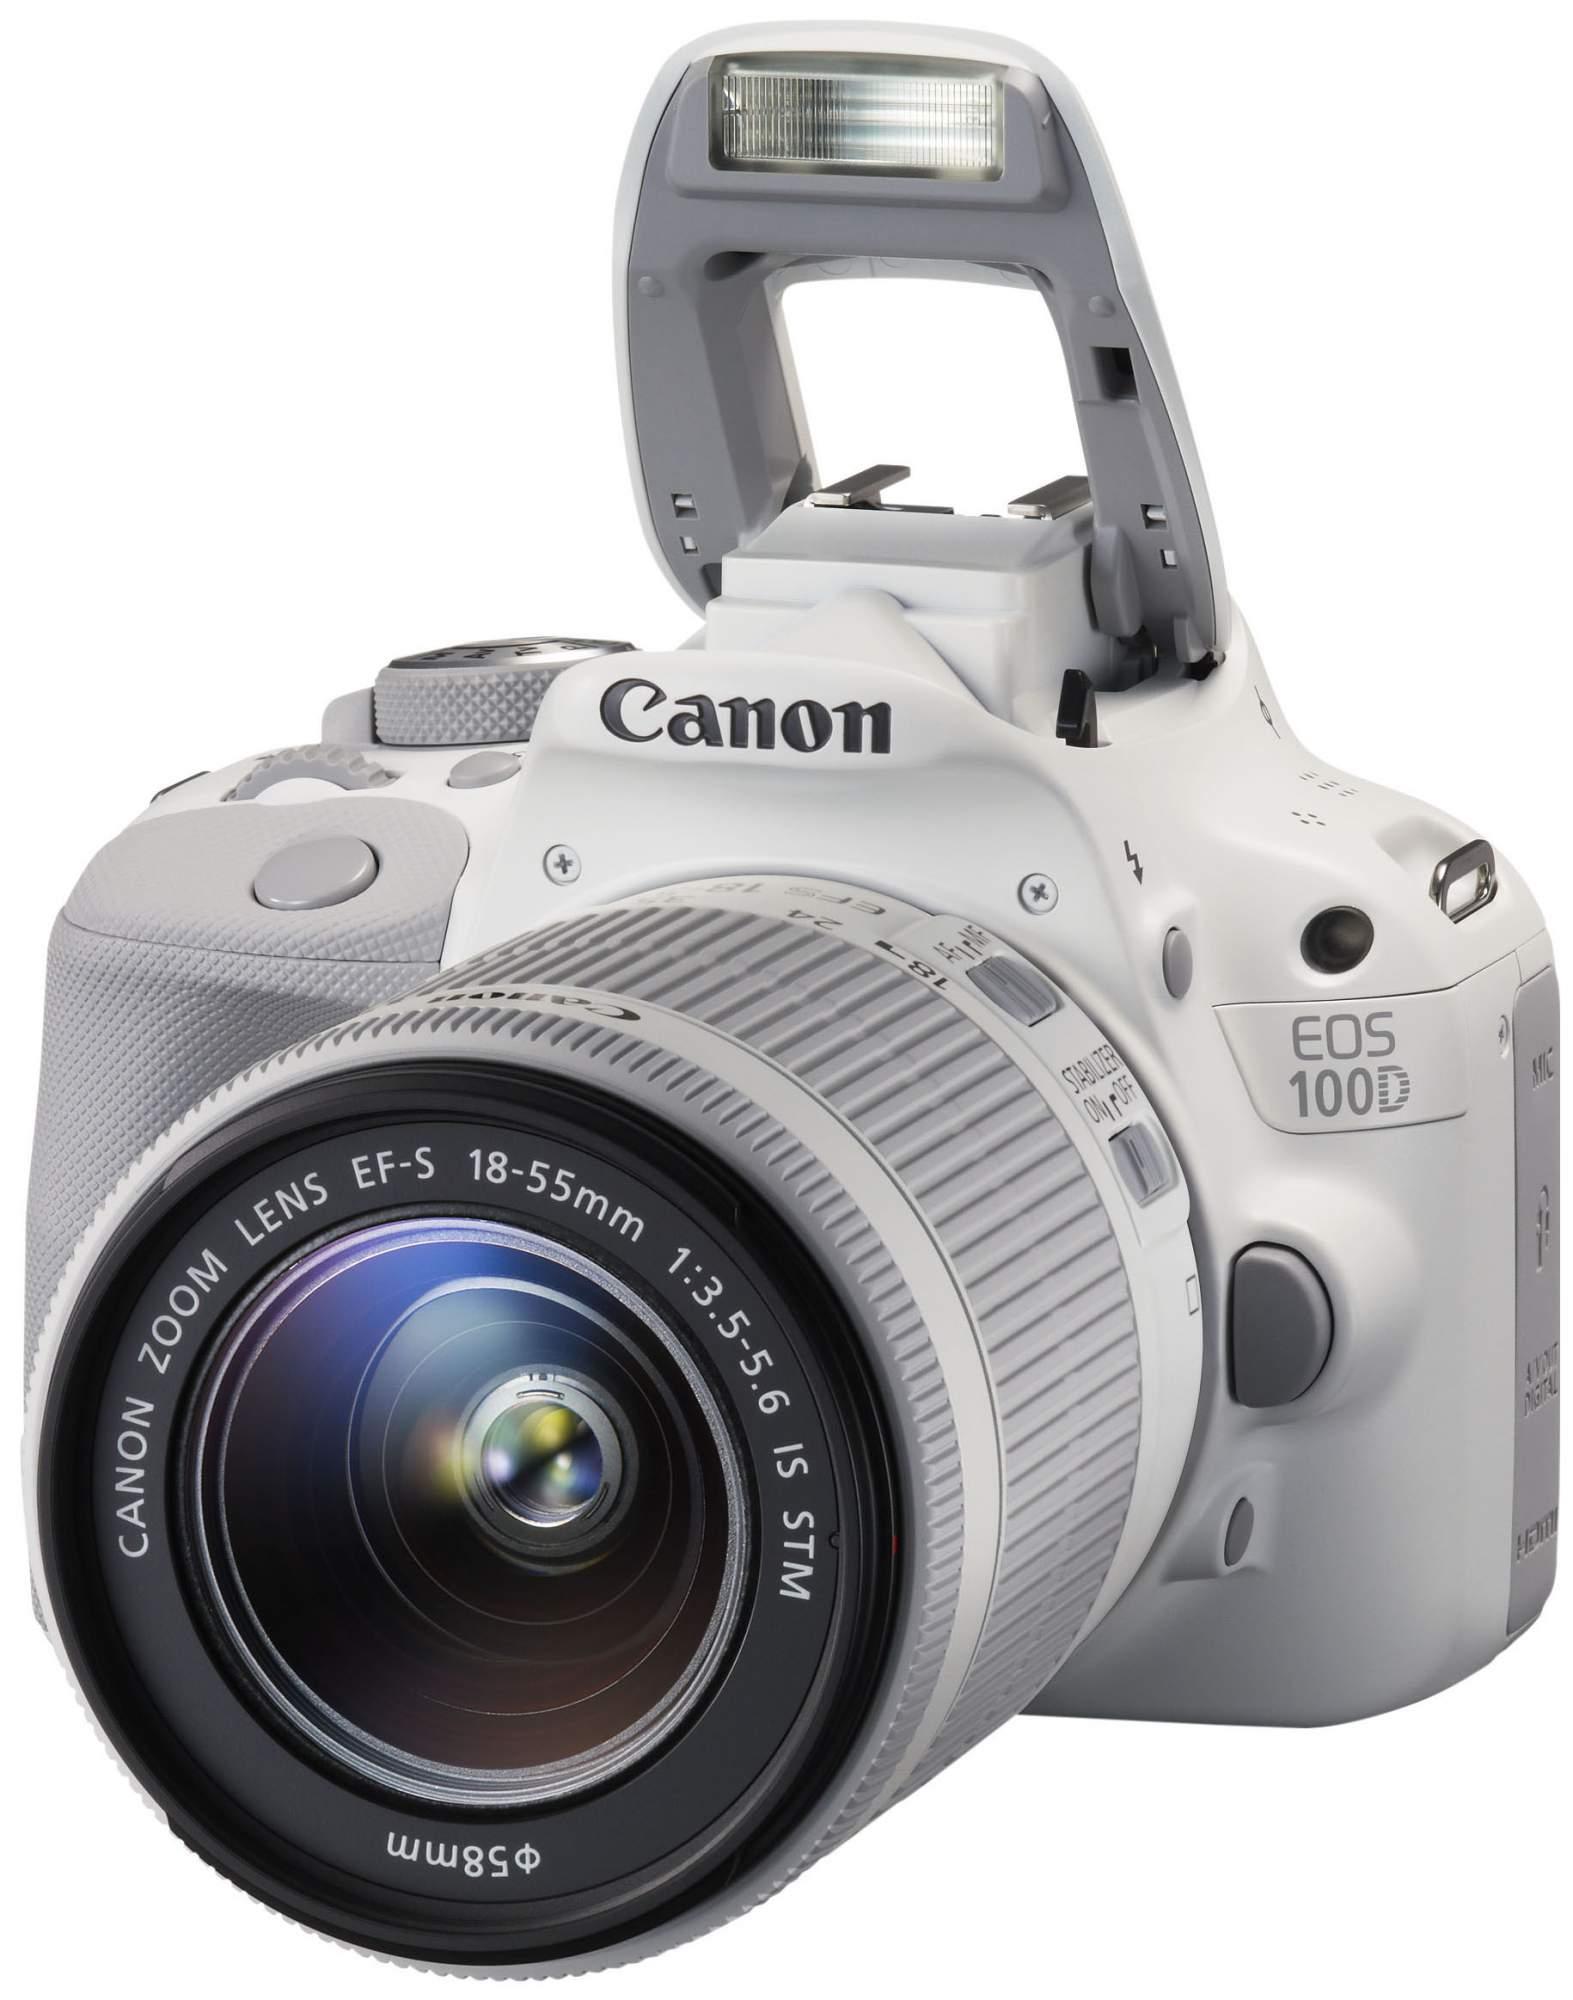 цифровая фотокамера характеристики альбоме интересные дорожки